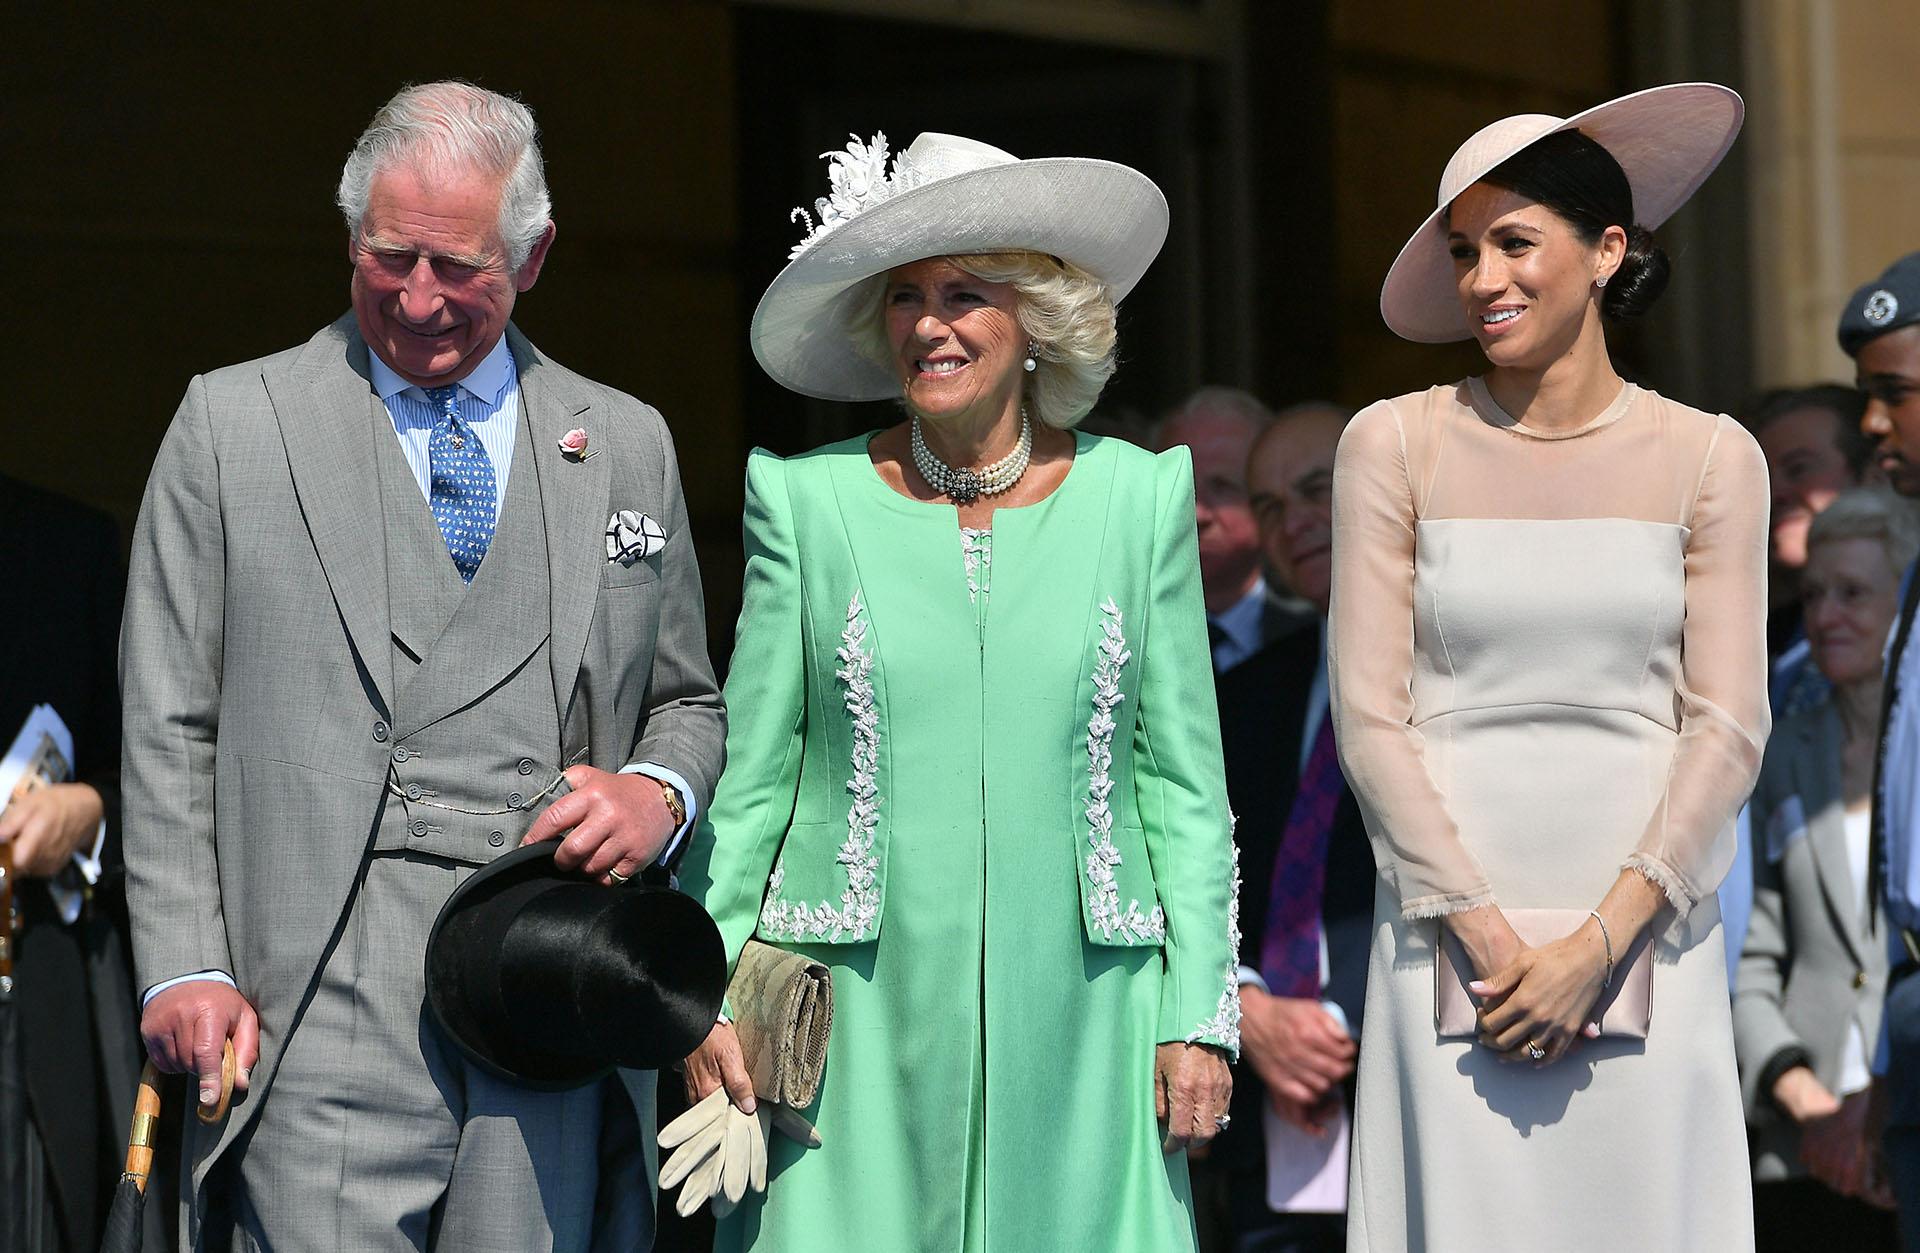 Al tratarse del primer acto público acaparó la escena, aunque se trataba de una celebración para el príncipe Carlos